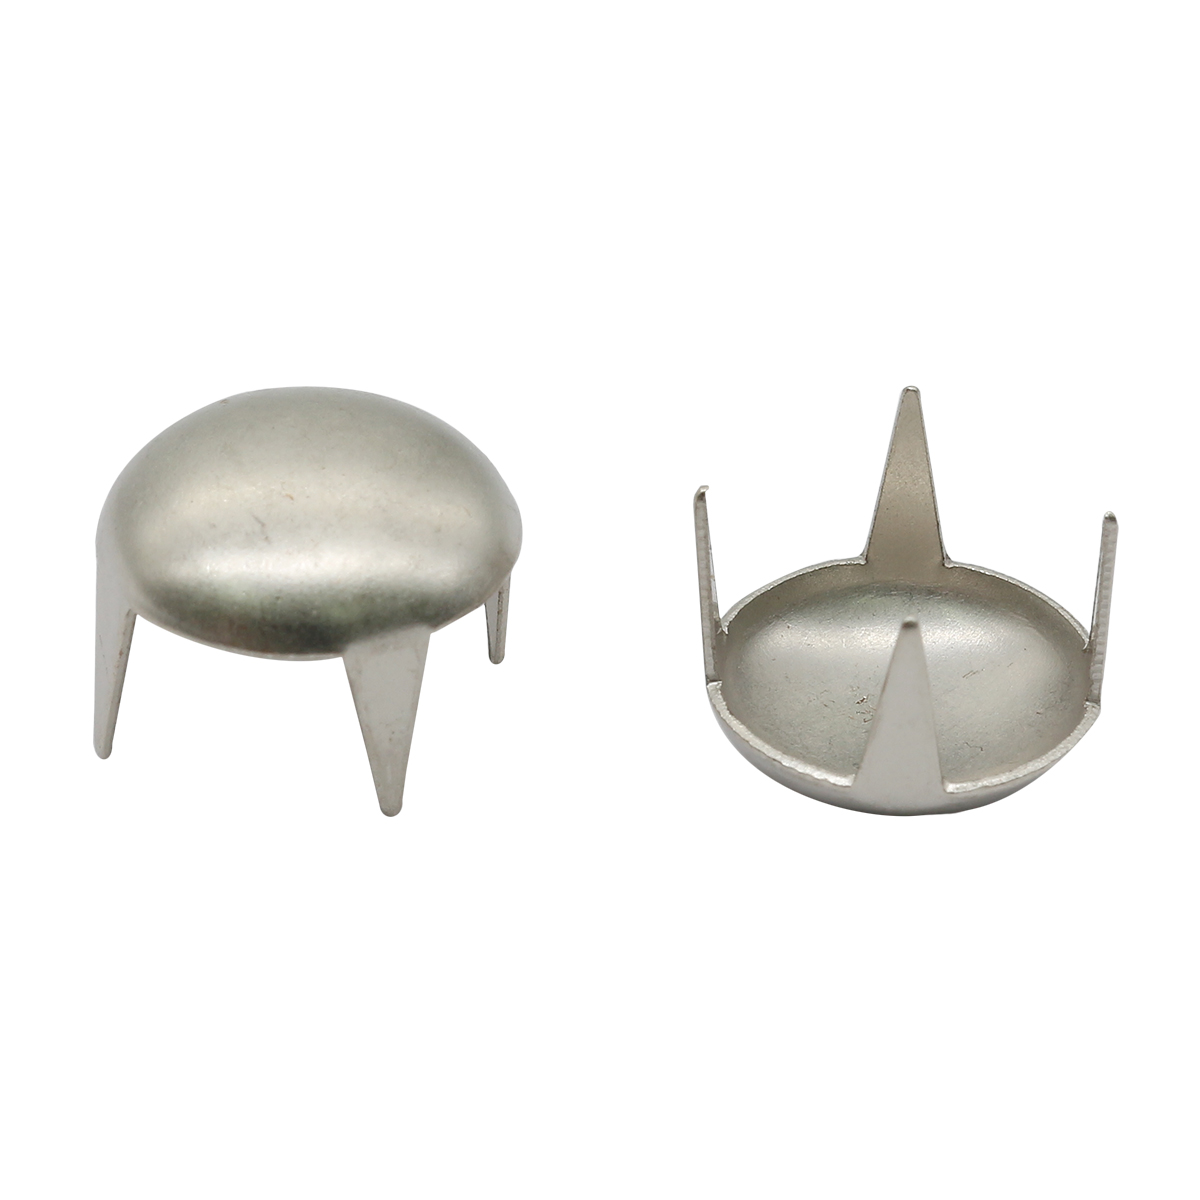 50836 Украшение д-12мм сереб. с шипами ГР